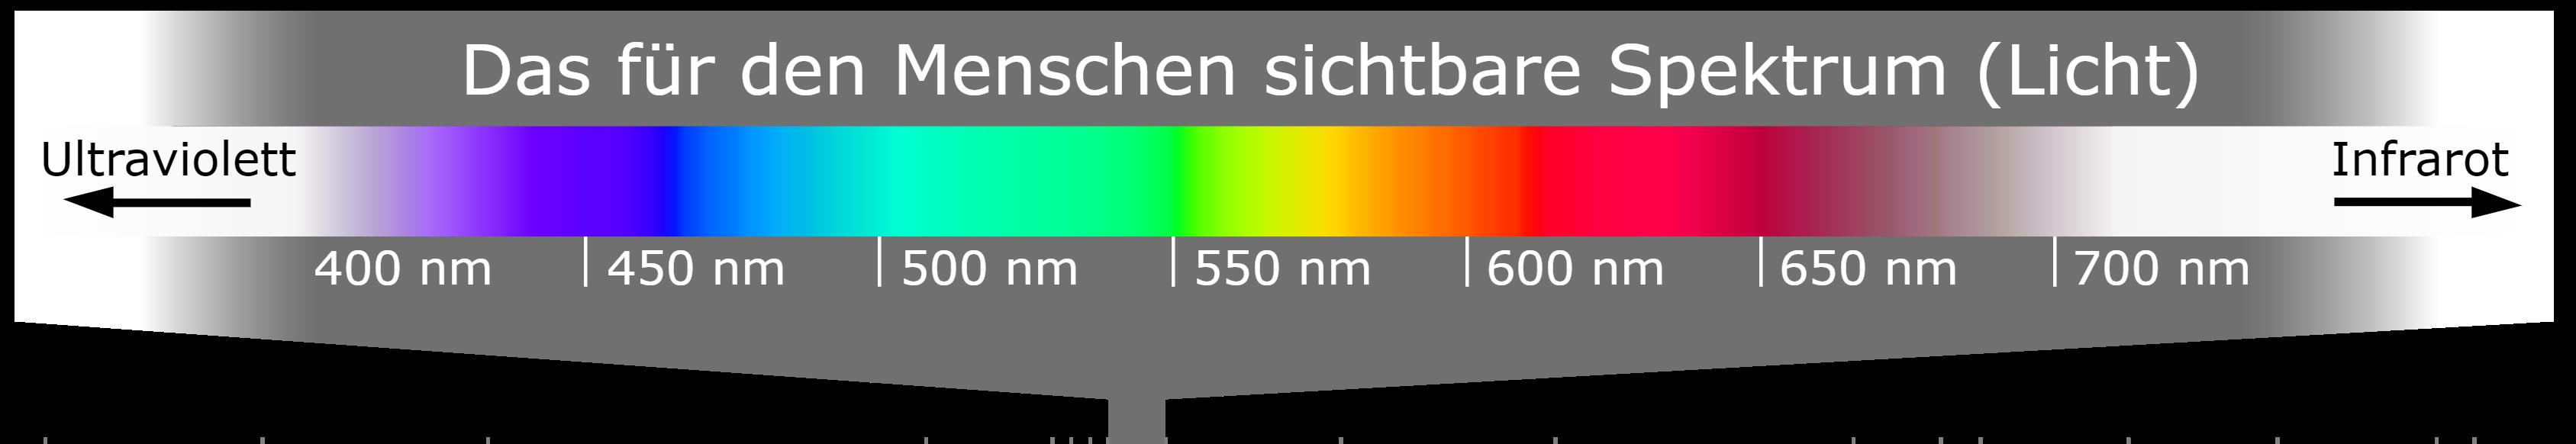 Übersicht sichtbares Licht für Menschen - Licht ist Teil vom elektromagnetisches Spektrum